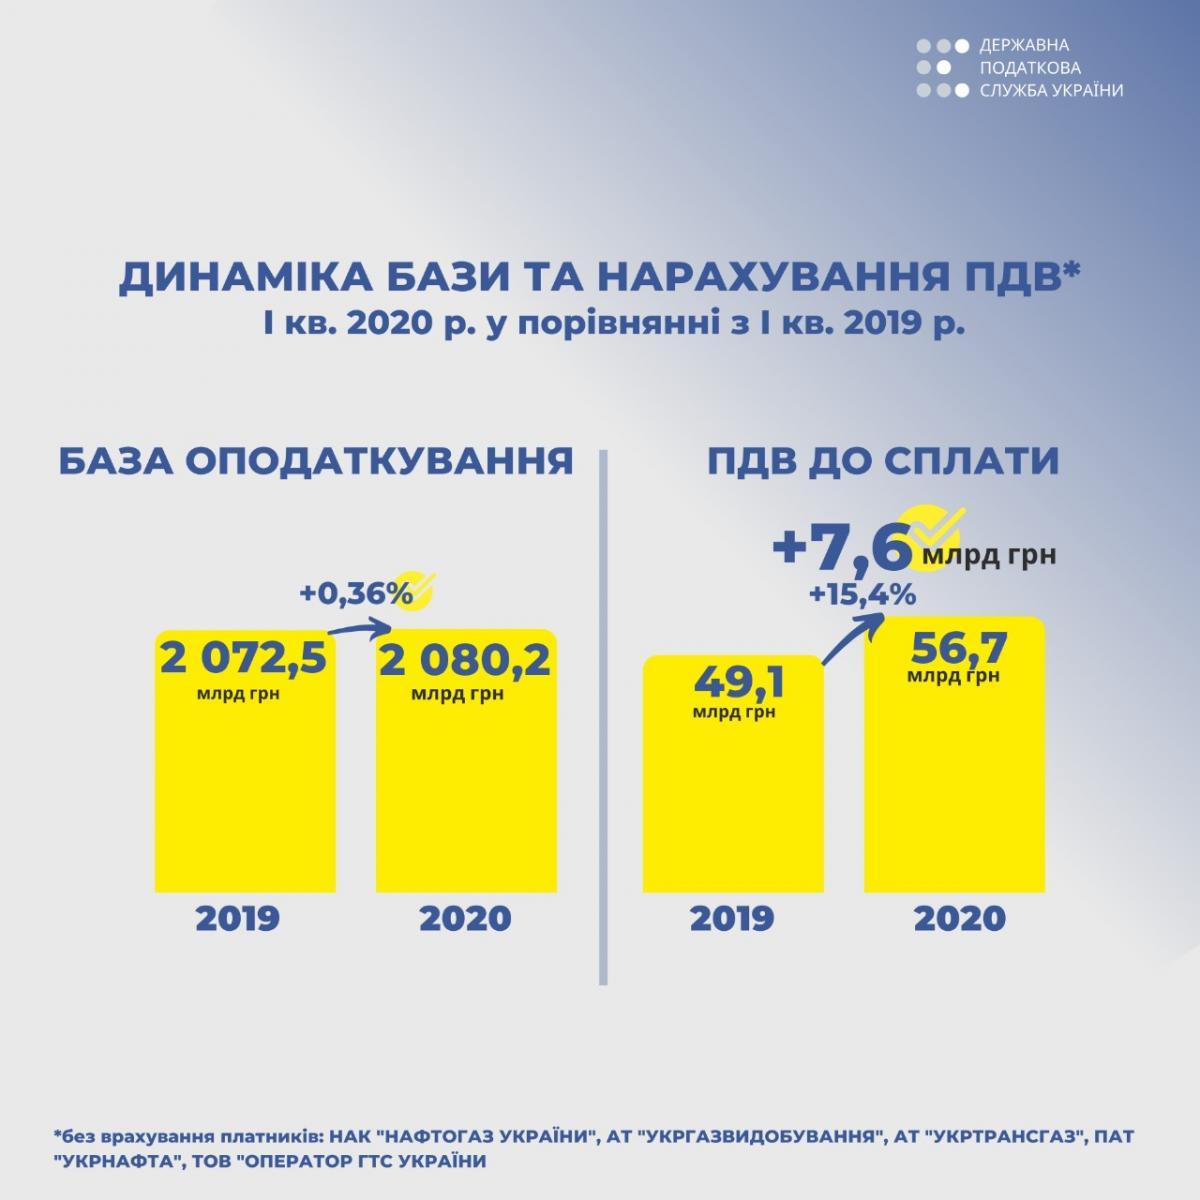 Податкова за перший квартал вивела з тіні 7,6 млрд грн ПДВ